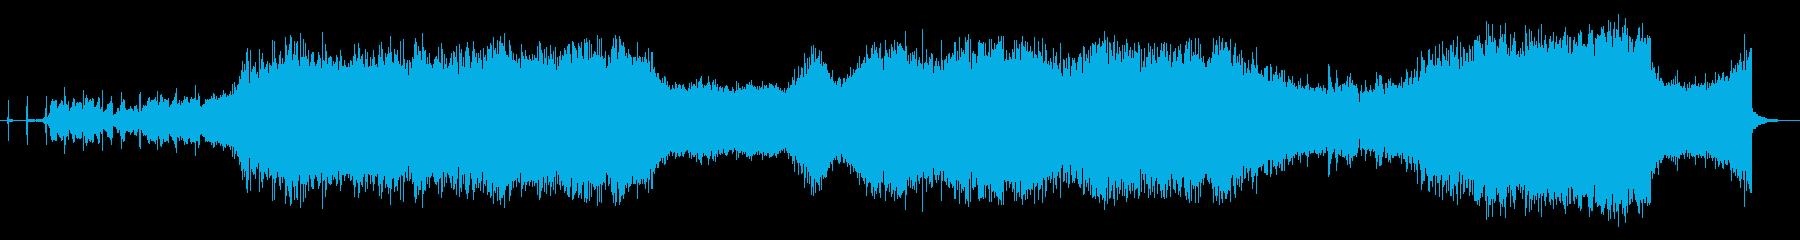 ホラー映画音楽の再生済みの波形